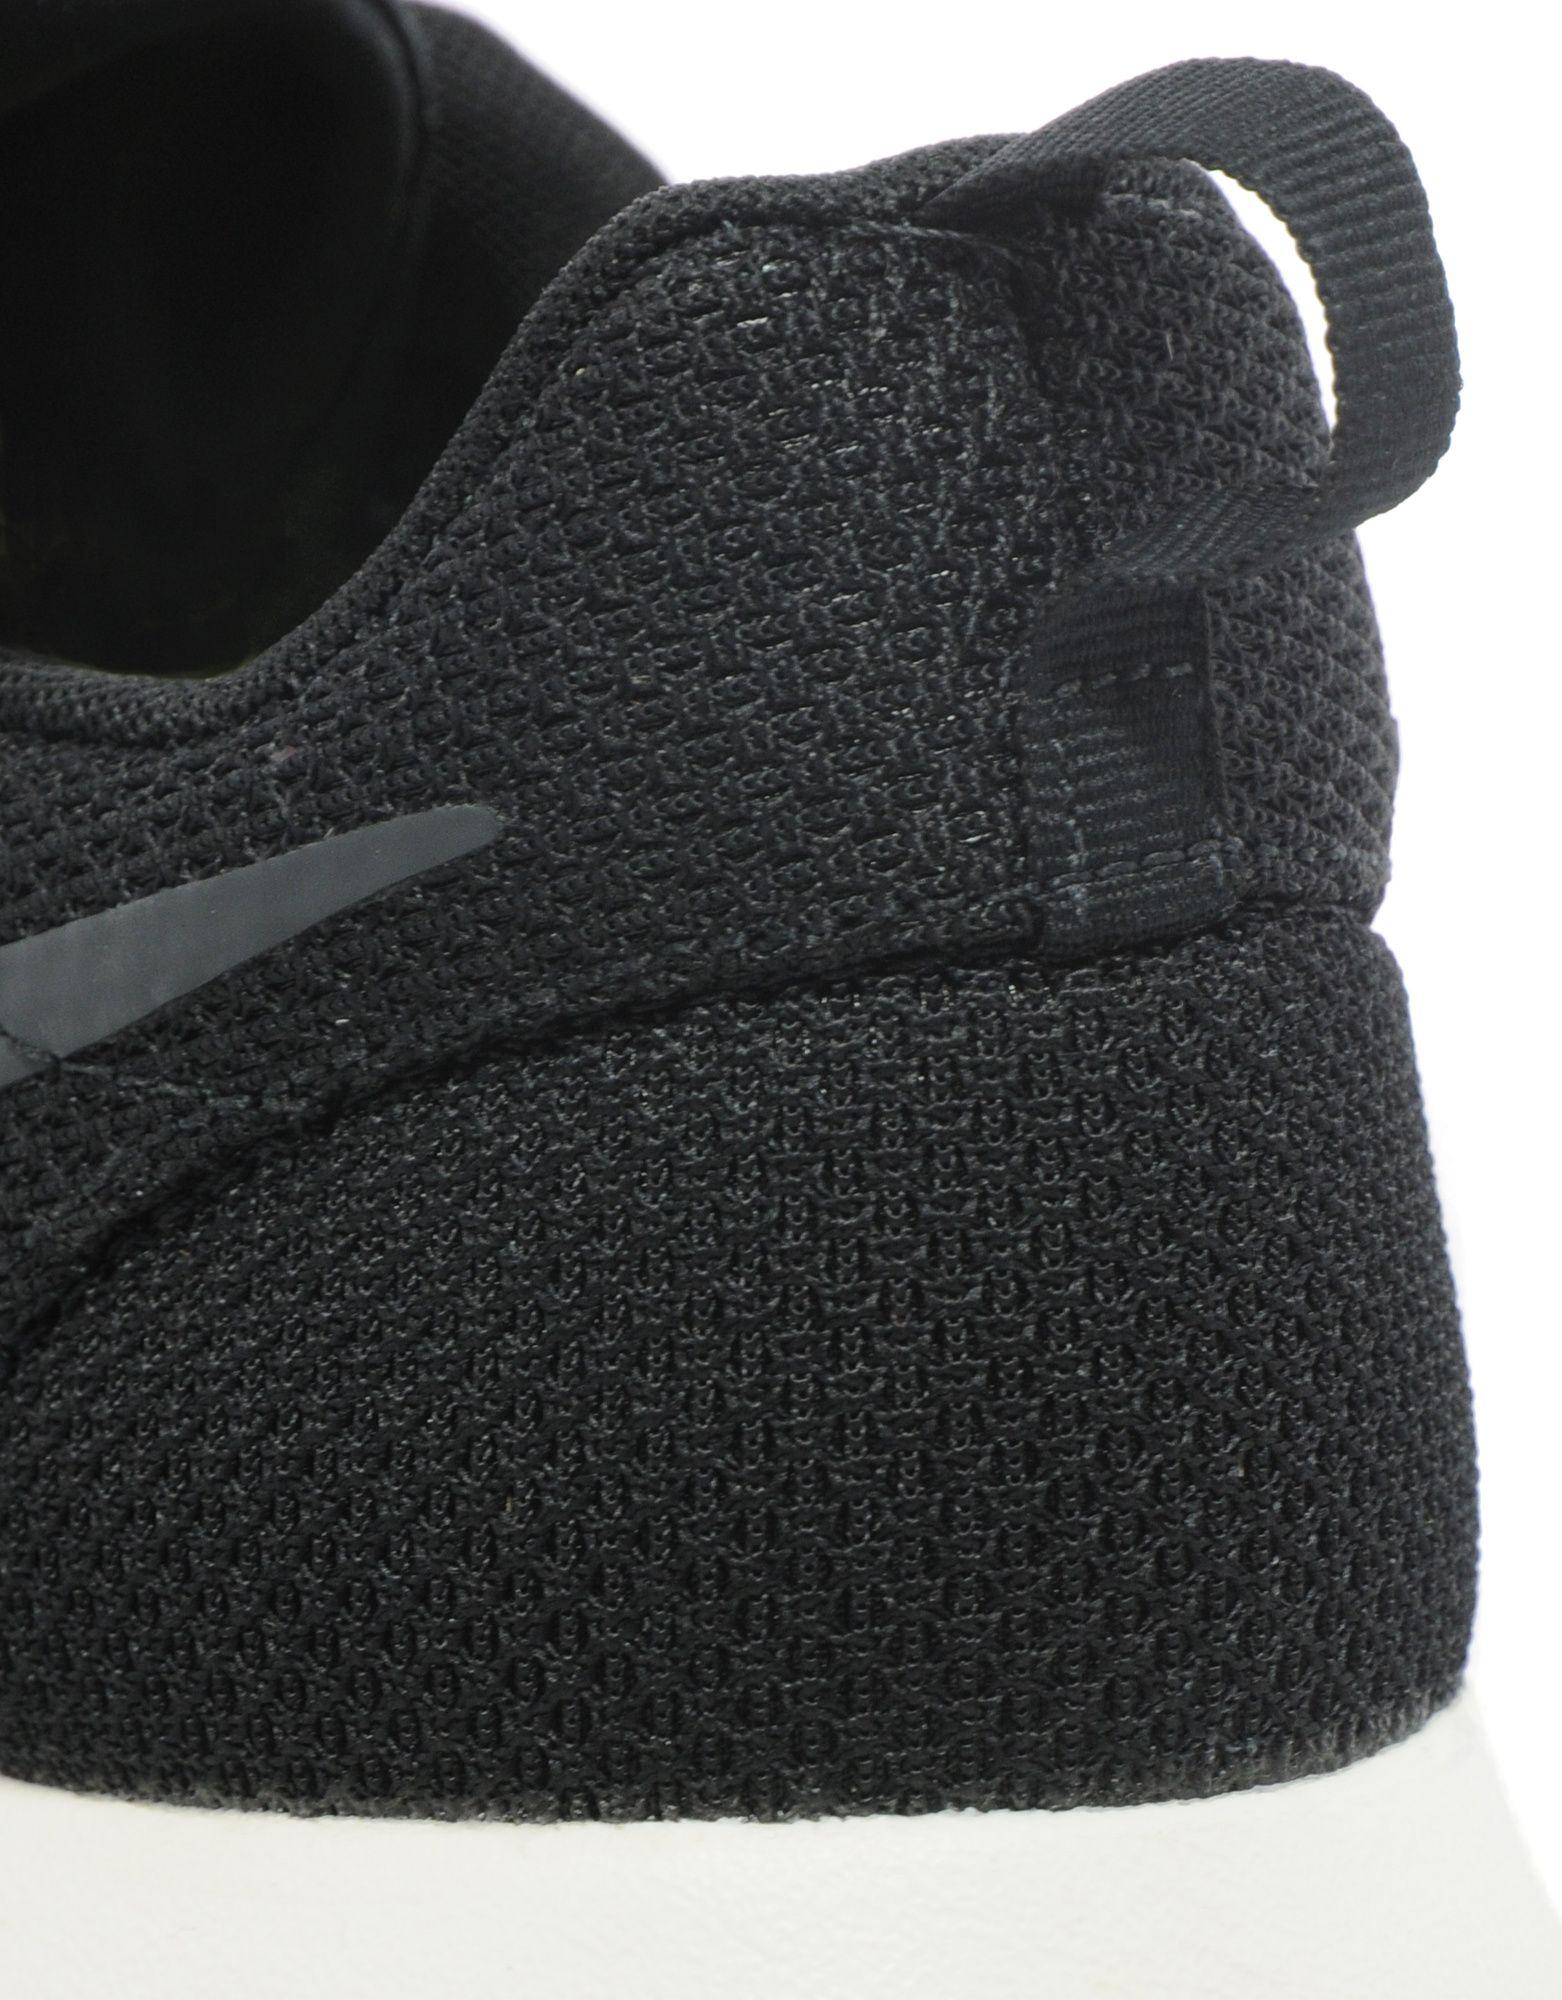 qyonff Nike Roshe One | JD Sports